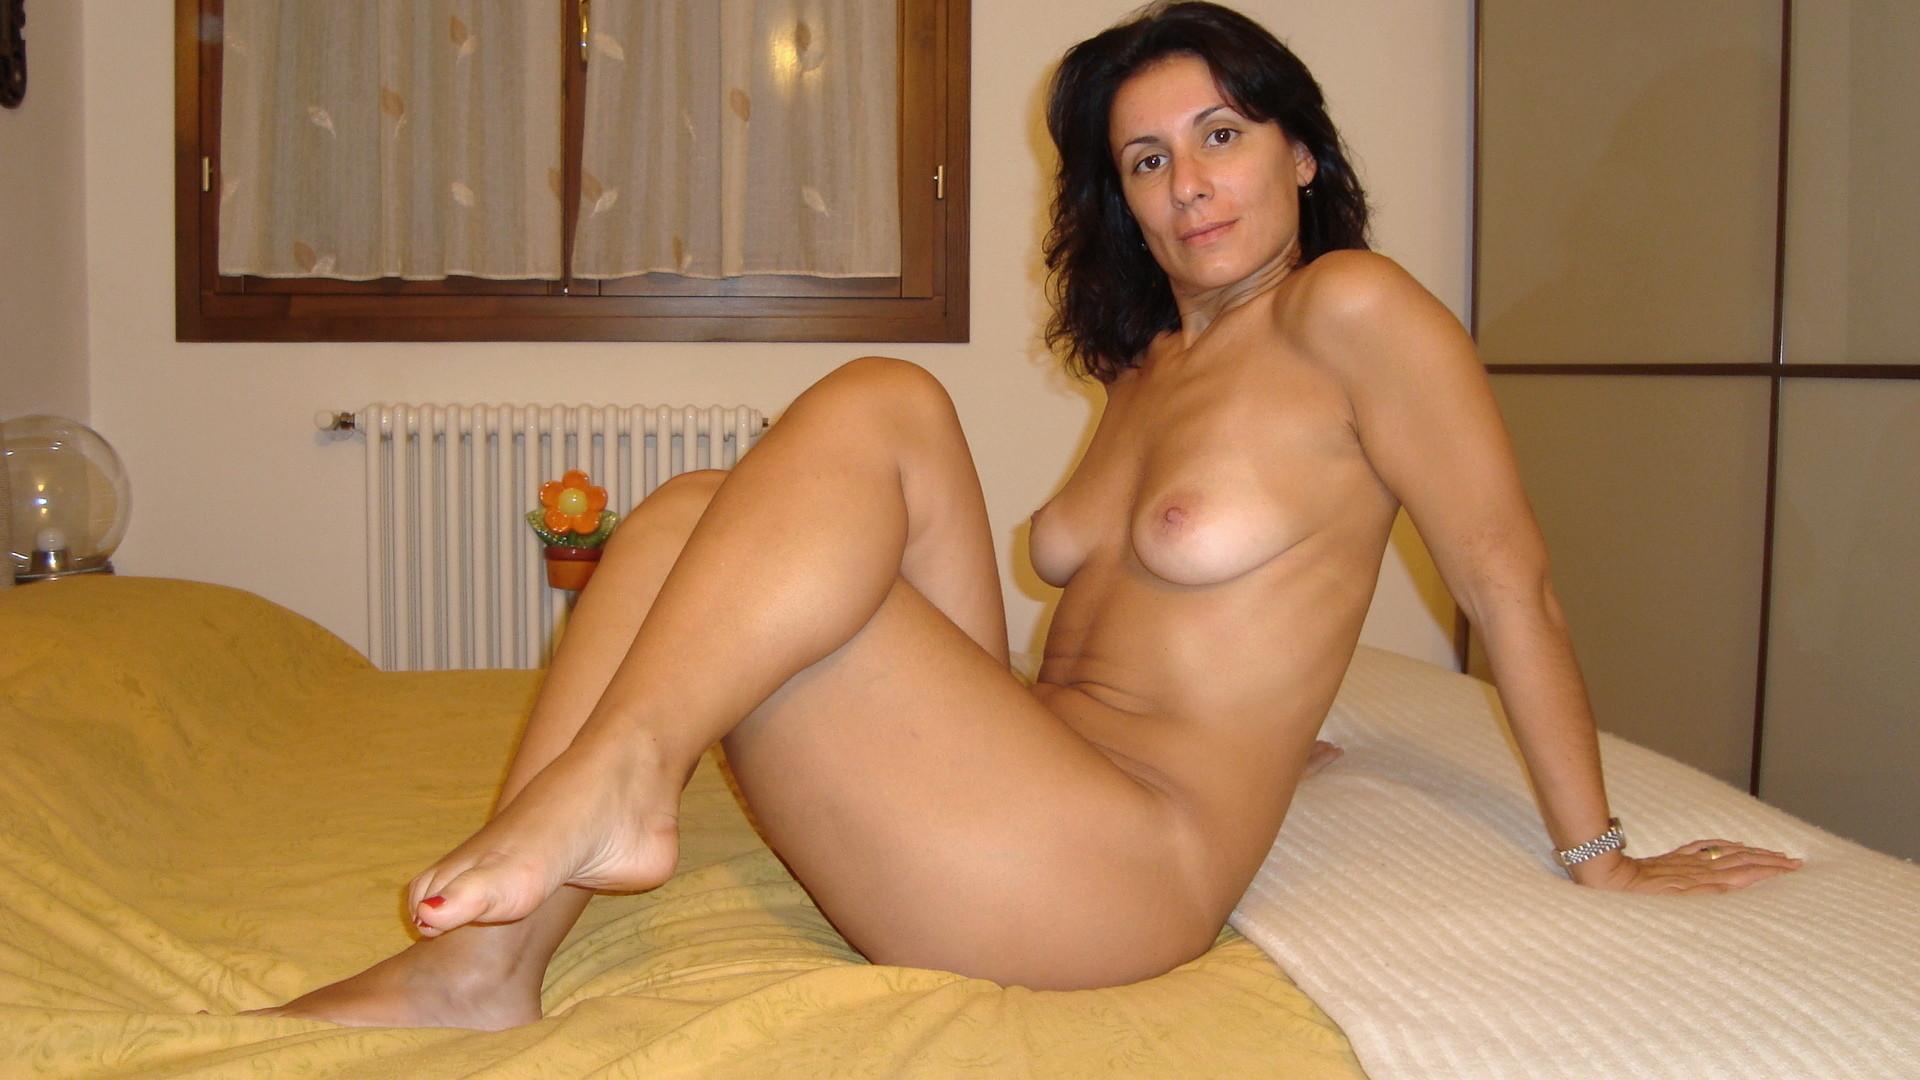 Скрытые фото голыхзрелых женщин 19 фотография